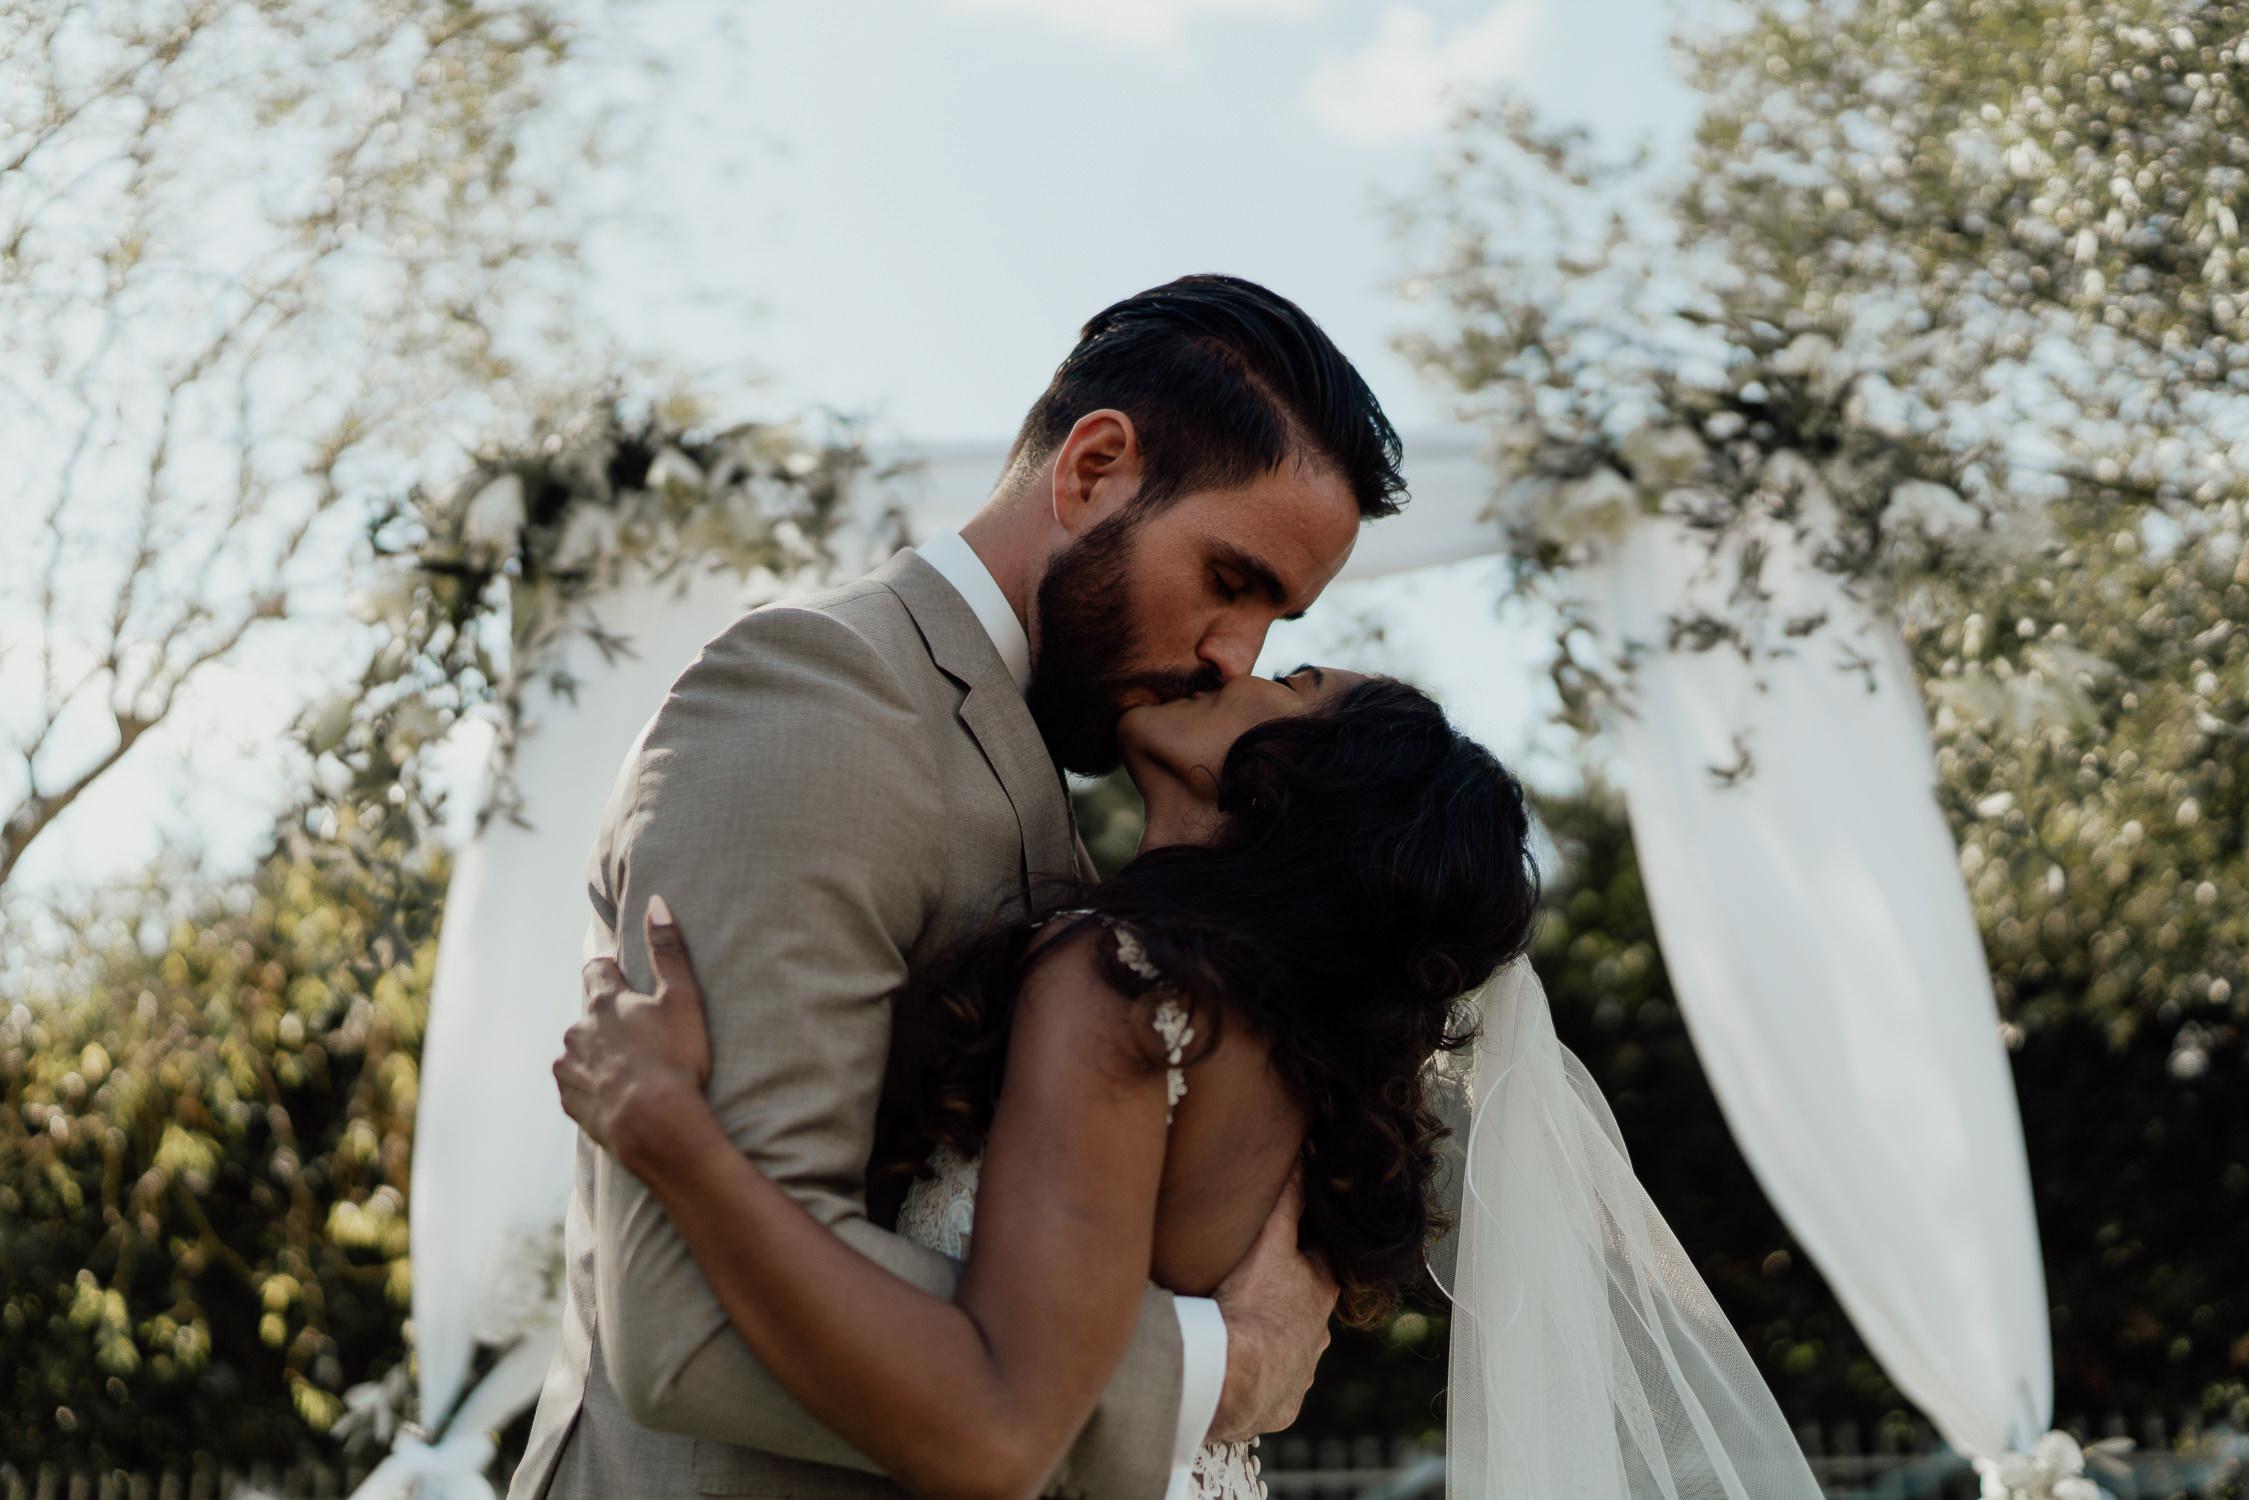 beste trouwfotograaf amsterdam utrecht amersfoort mark hadden. bruidspaar portret